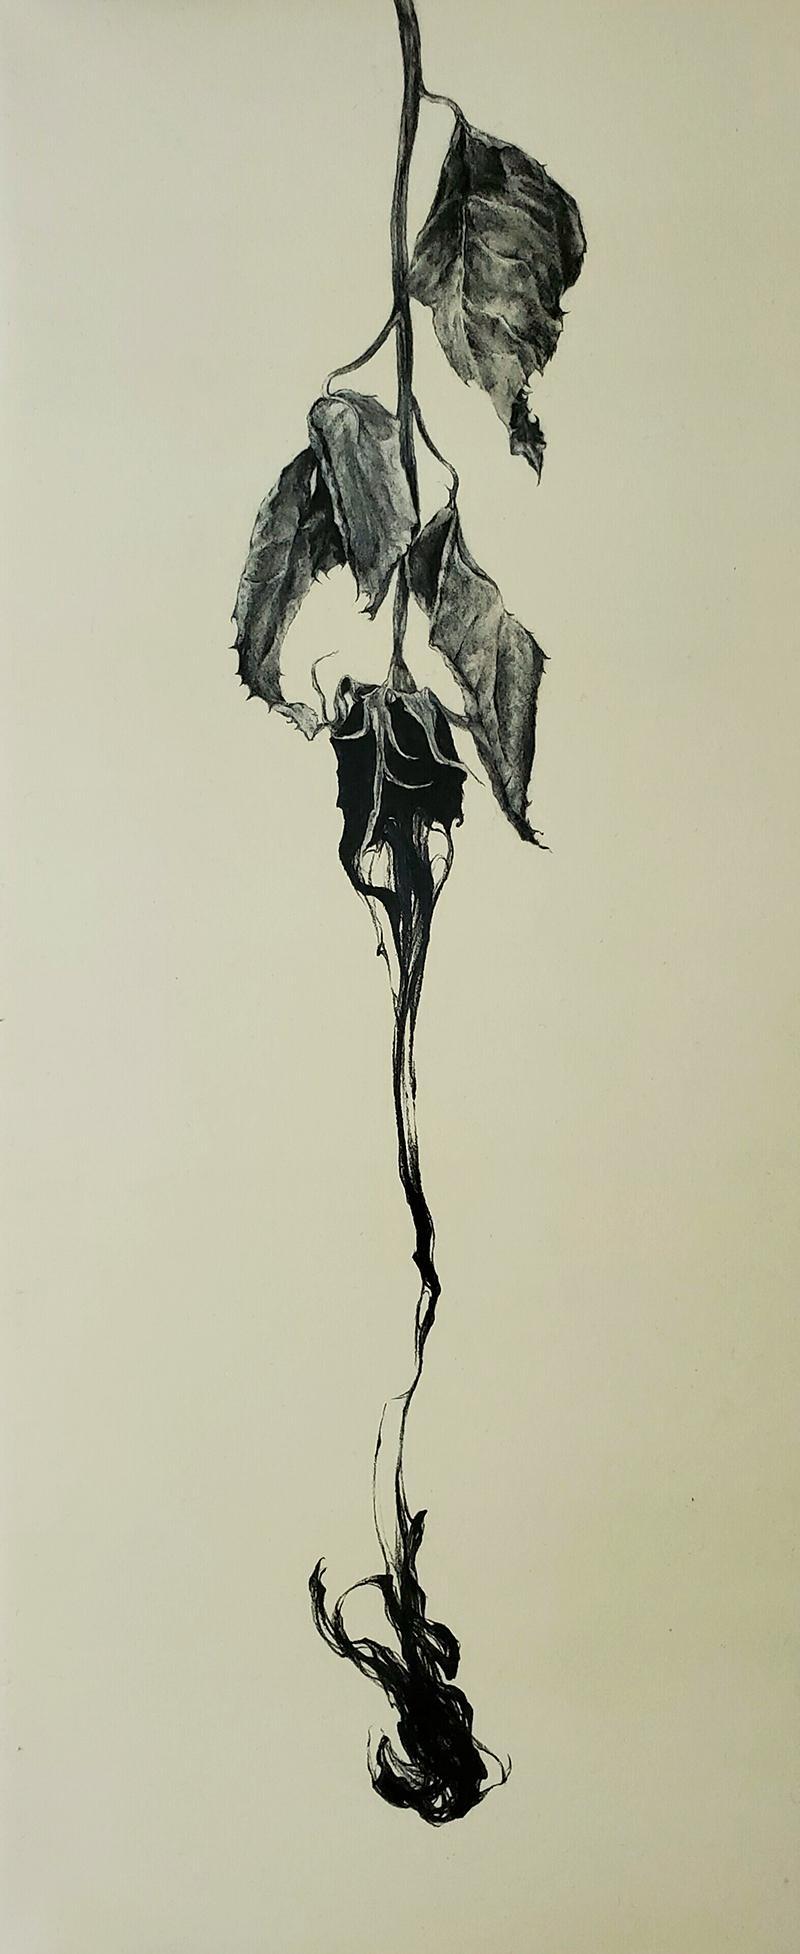 「アムステルダム」。バラの花びらから流れ落ちるように描かれた花びらは、まるで一滴の涙のよう